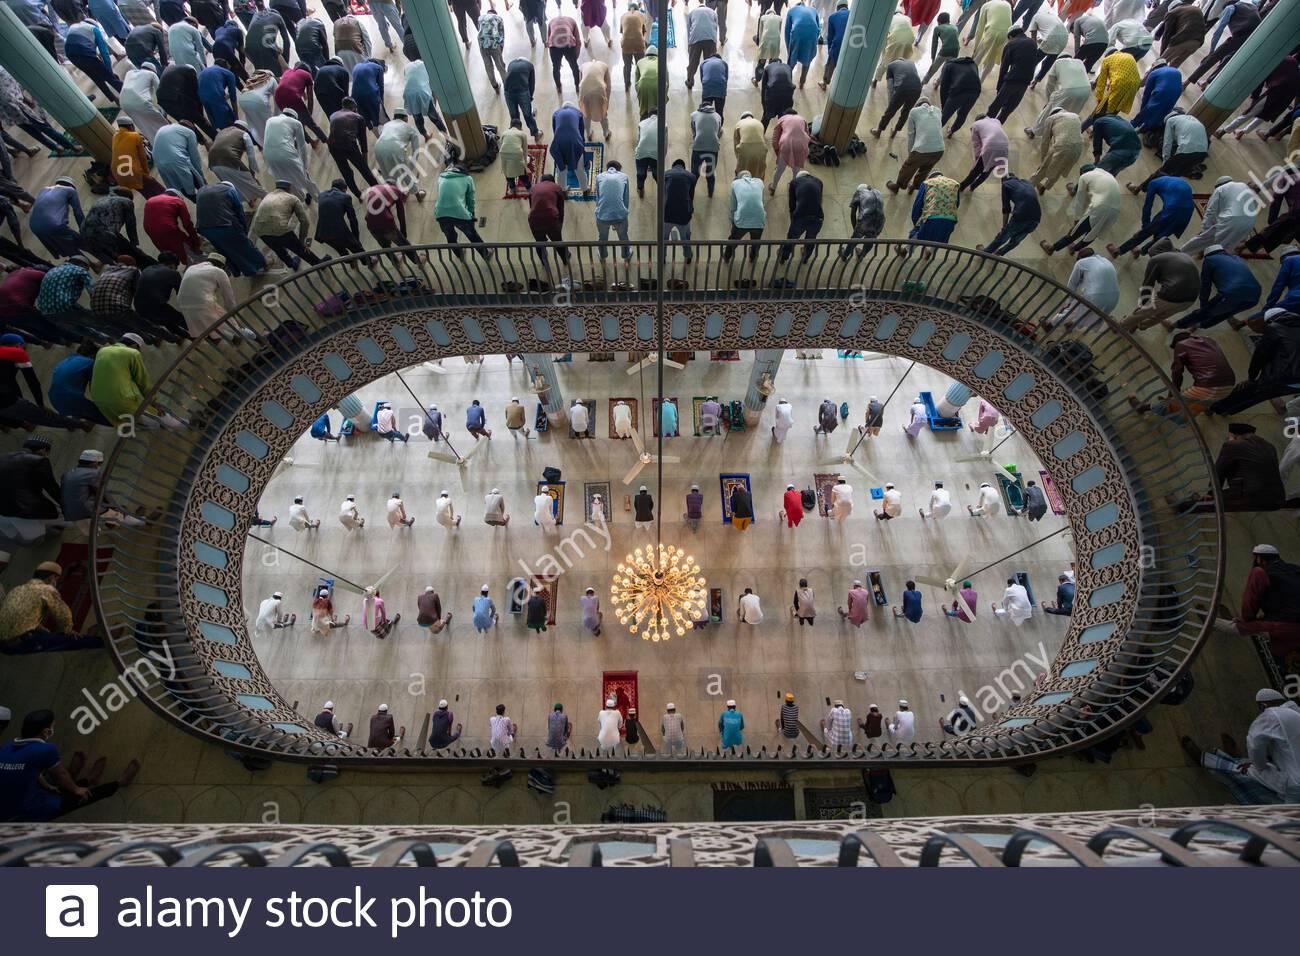 Miles de personas se reúnen para rezar en varios pisos de una de las mezquitas más grandes del mundo en Dhaka, Bangladesh. Foto de stock